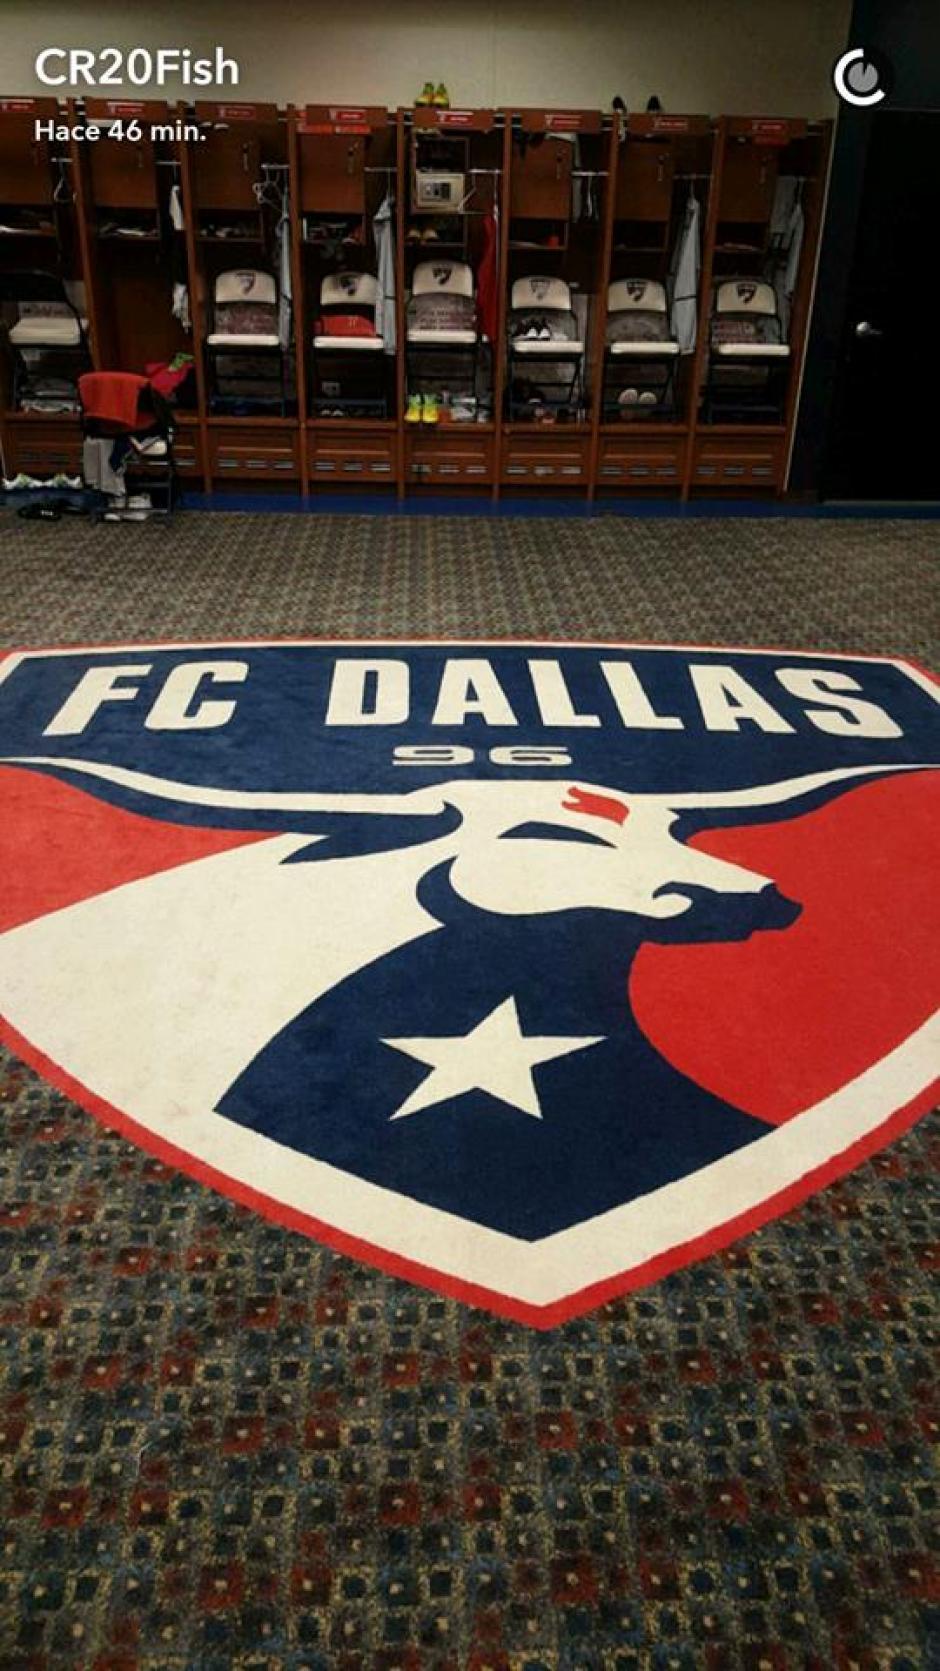 Ruiz compartió en su Snapchat que está feliz de volver al FC Dallas. (Foto: Carlos Ruiz)